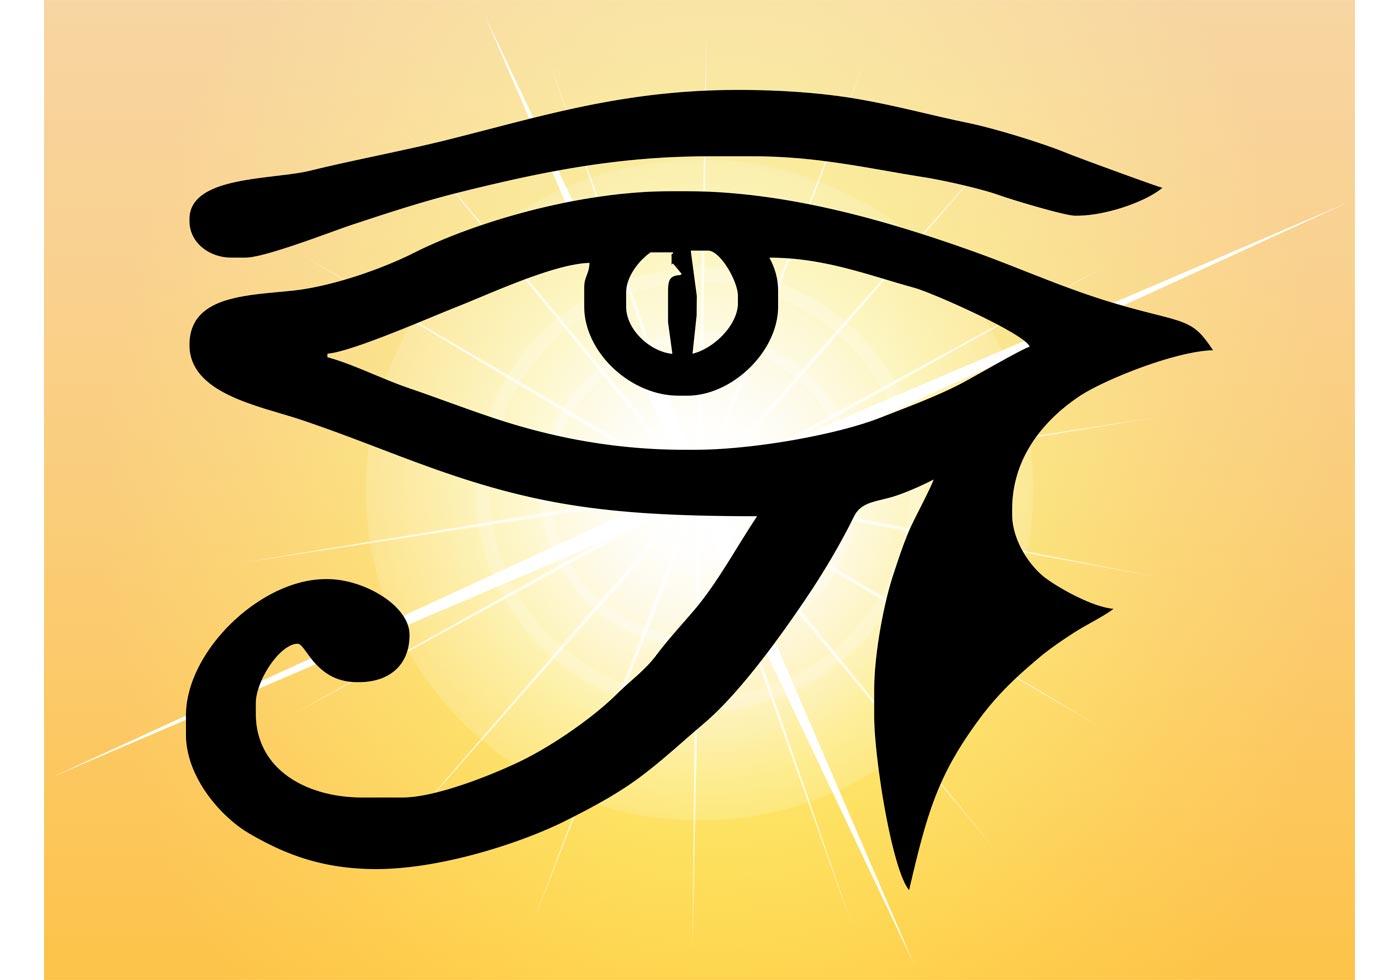 Eye Of Horus Download Free Vector Art Stock Graphics